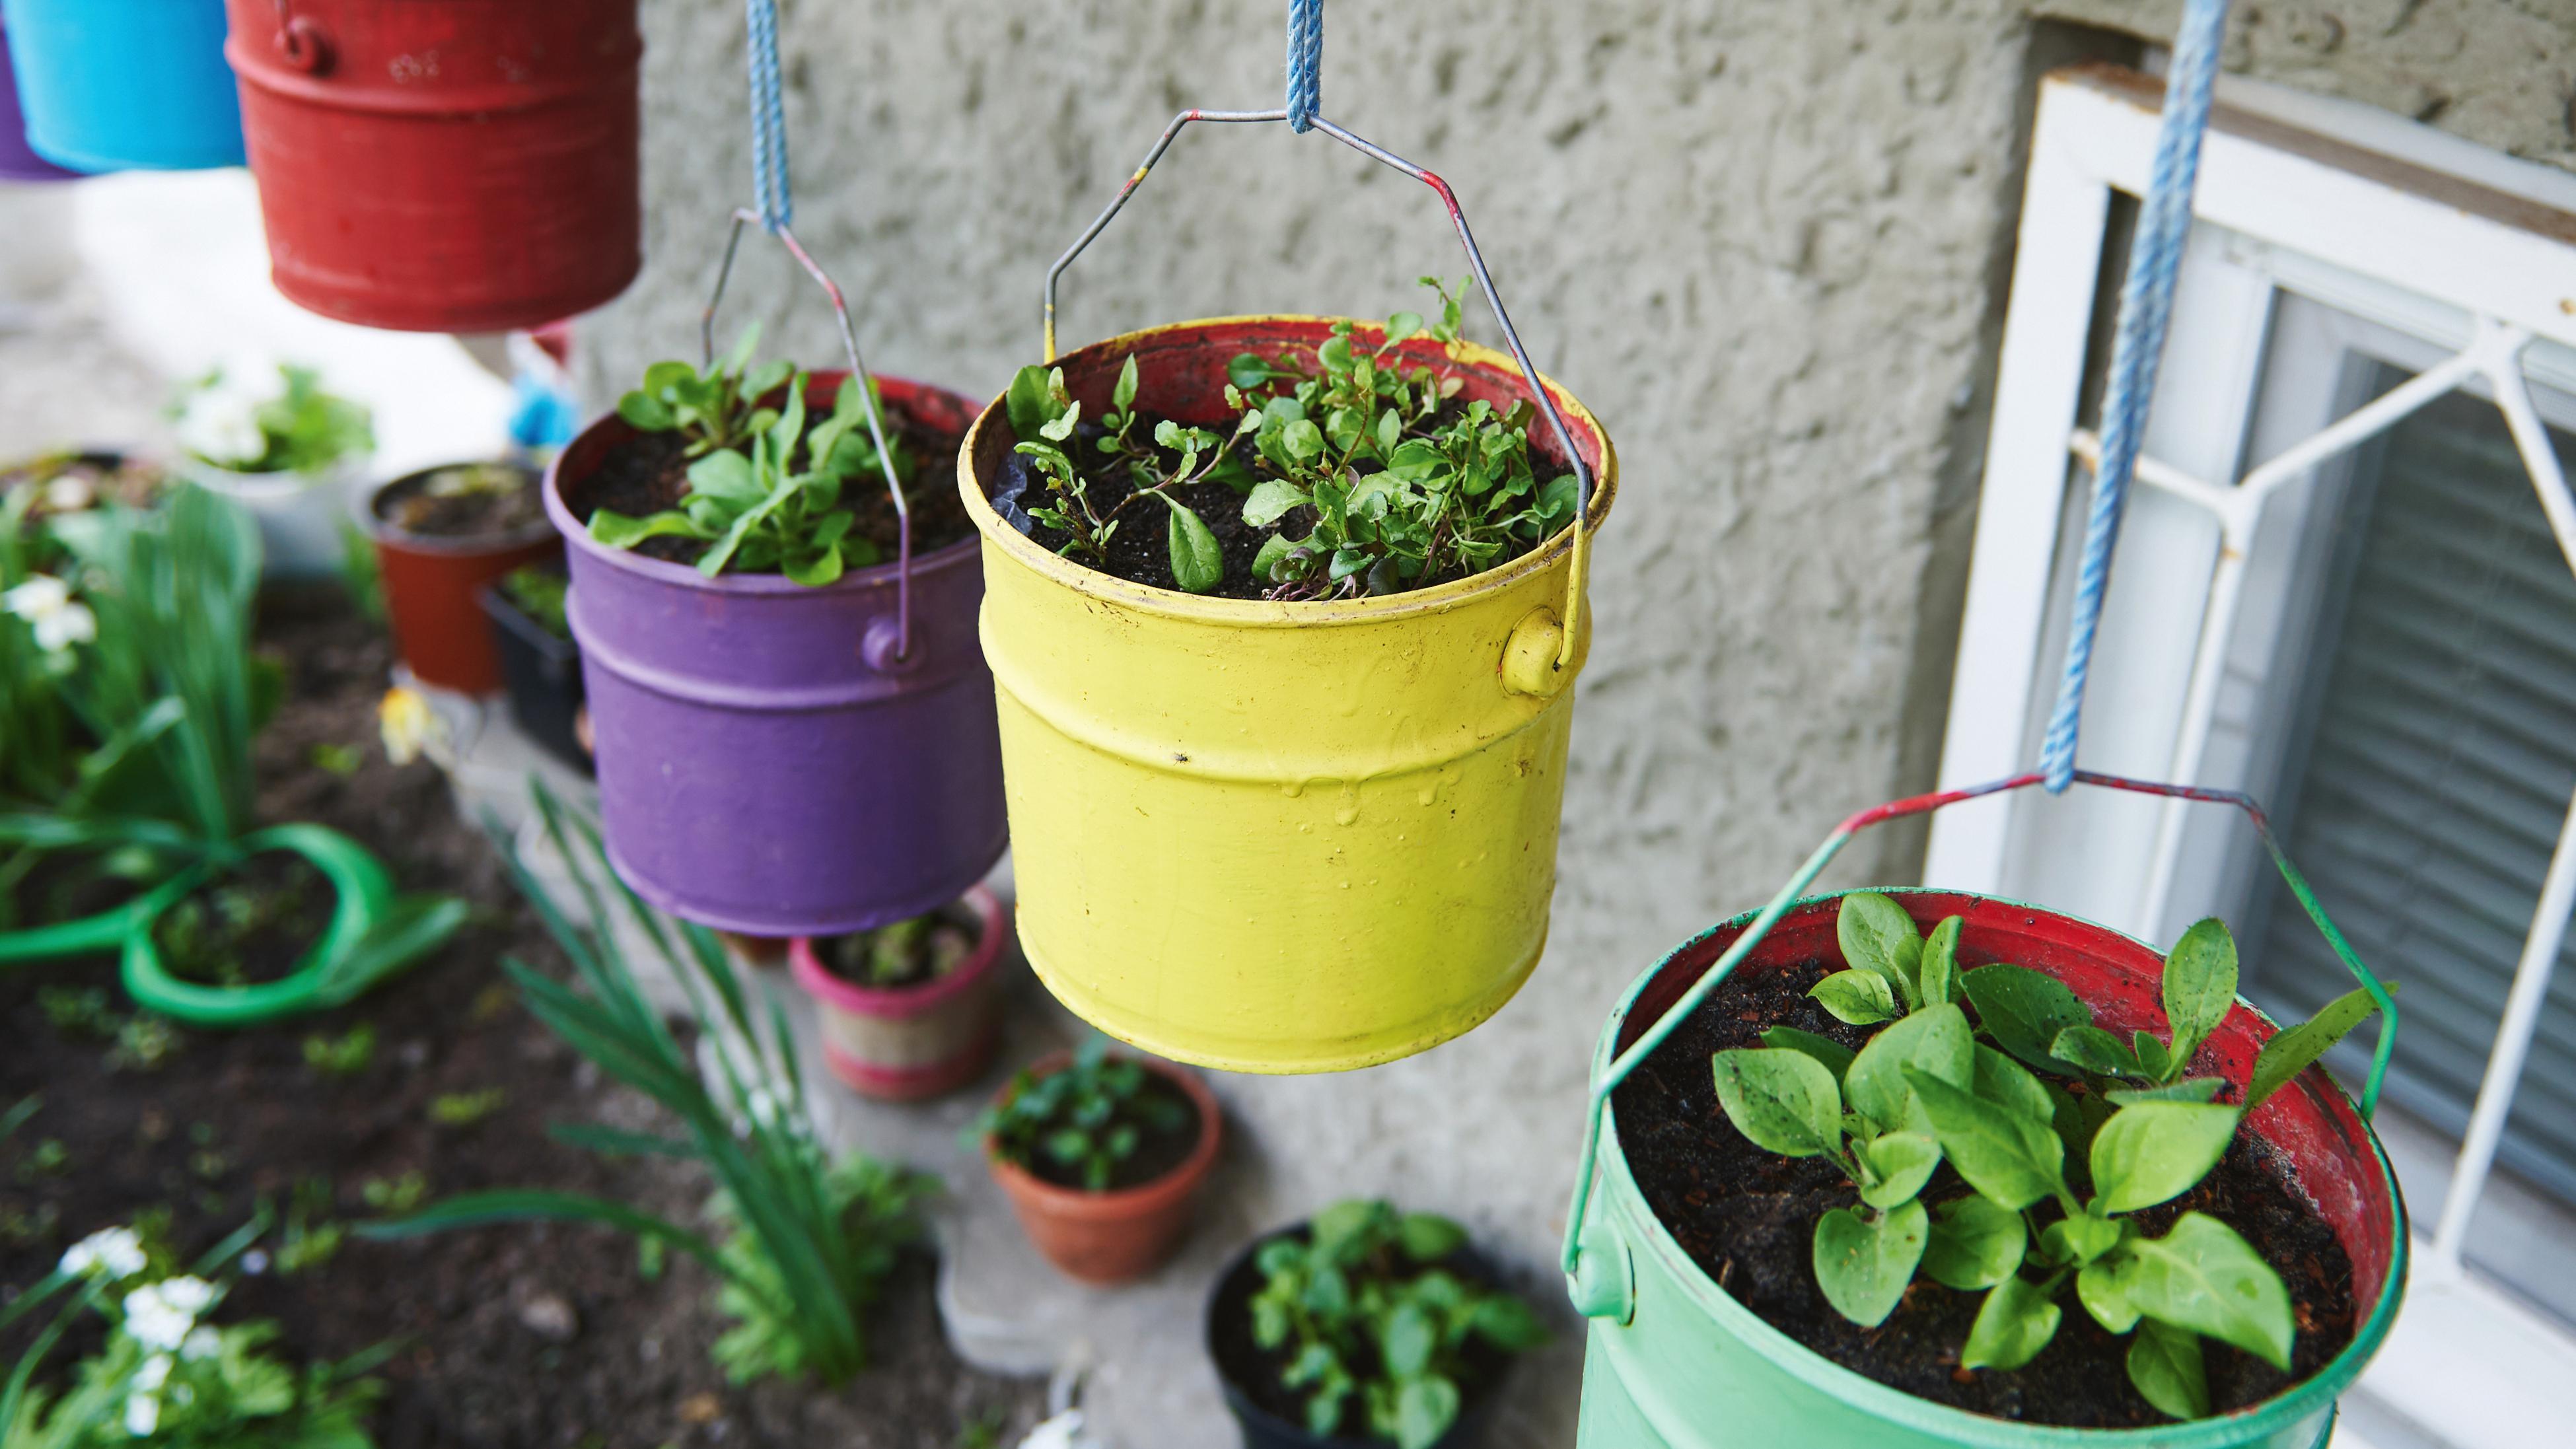 Plants growing in repurposed bucket